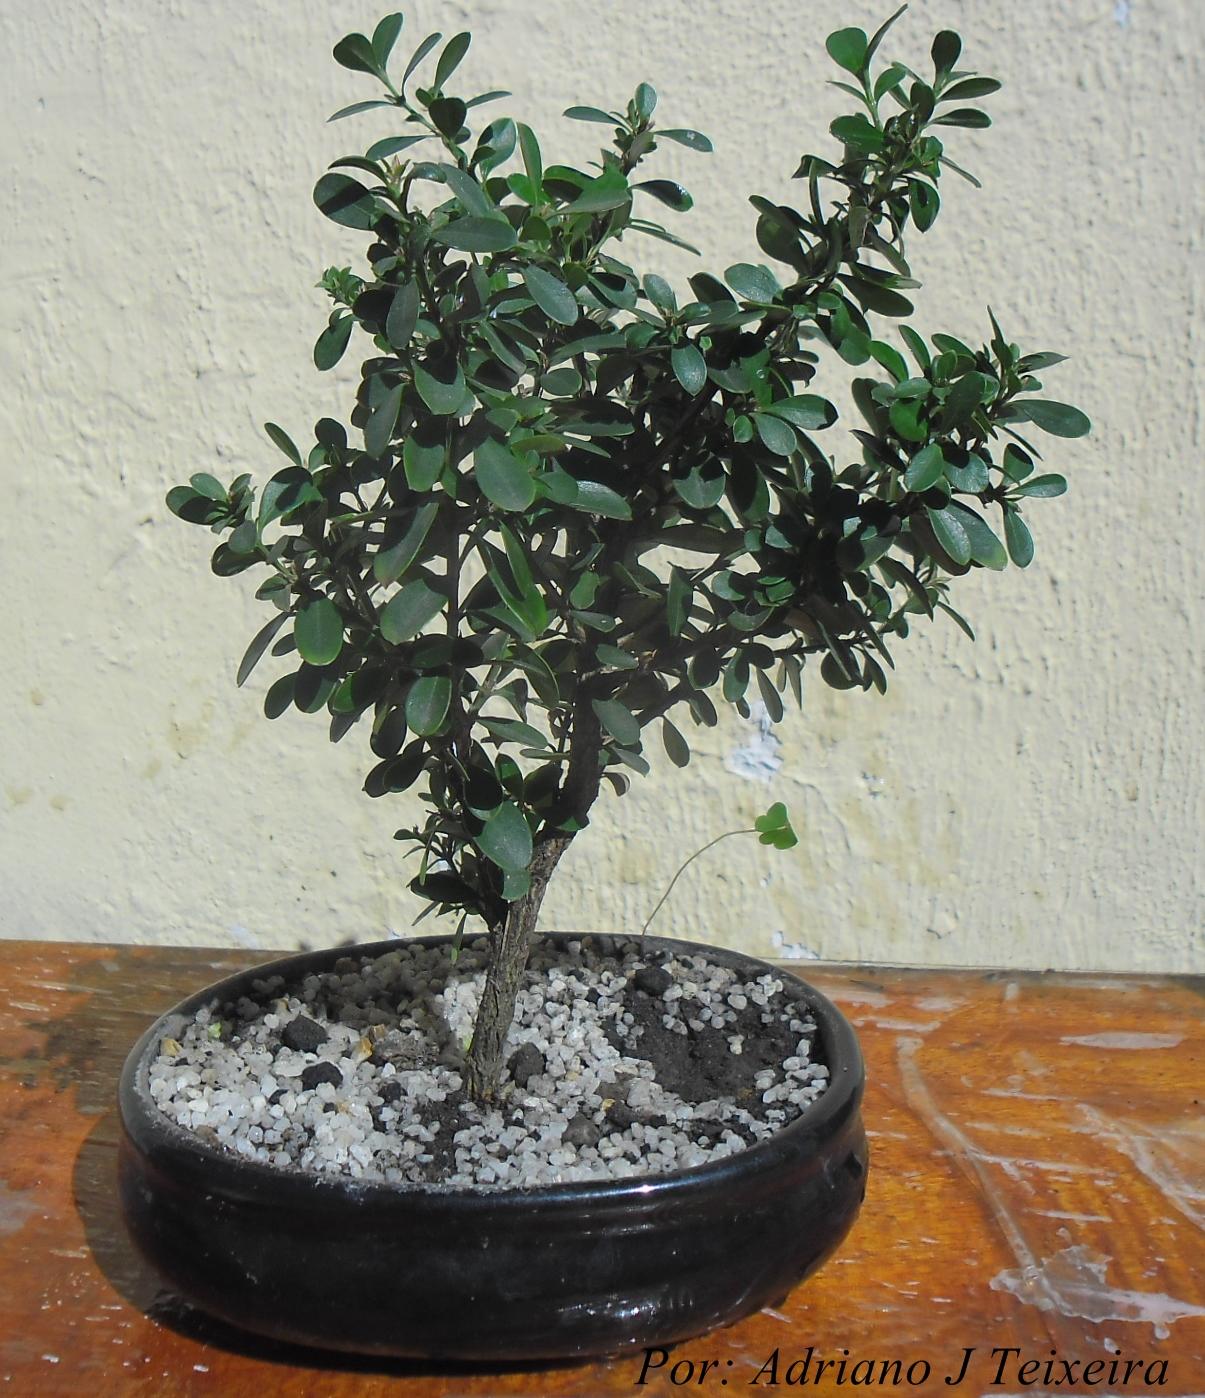 Mundo das plantas como cuidar e cultivar seu bonsai - Como cultivar bonsai ...